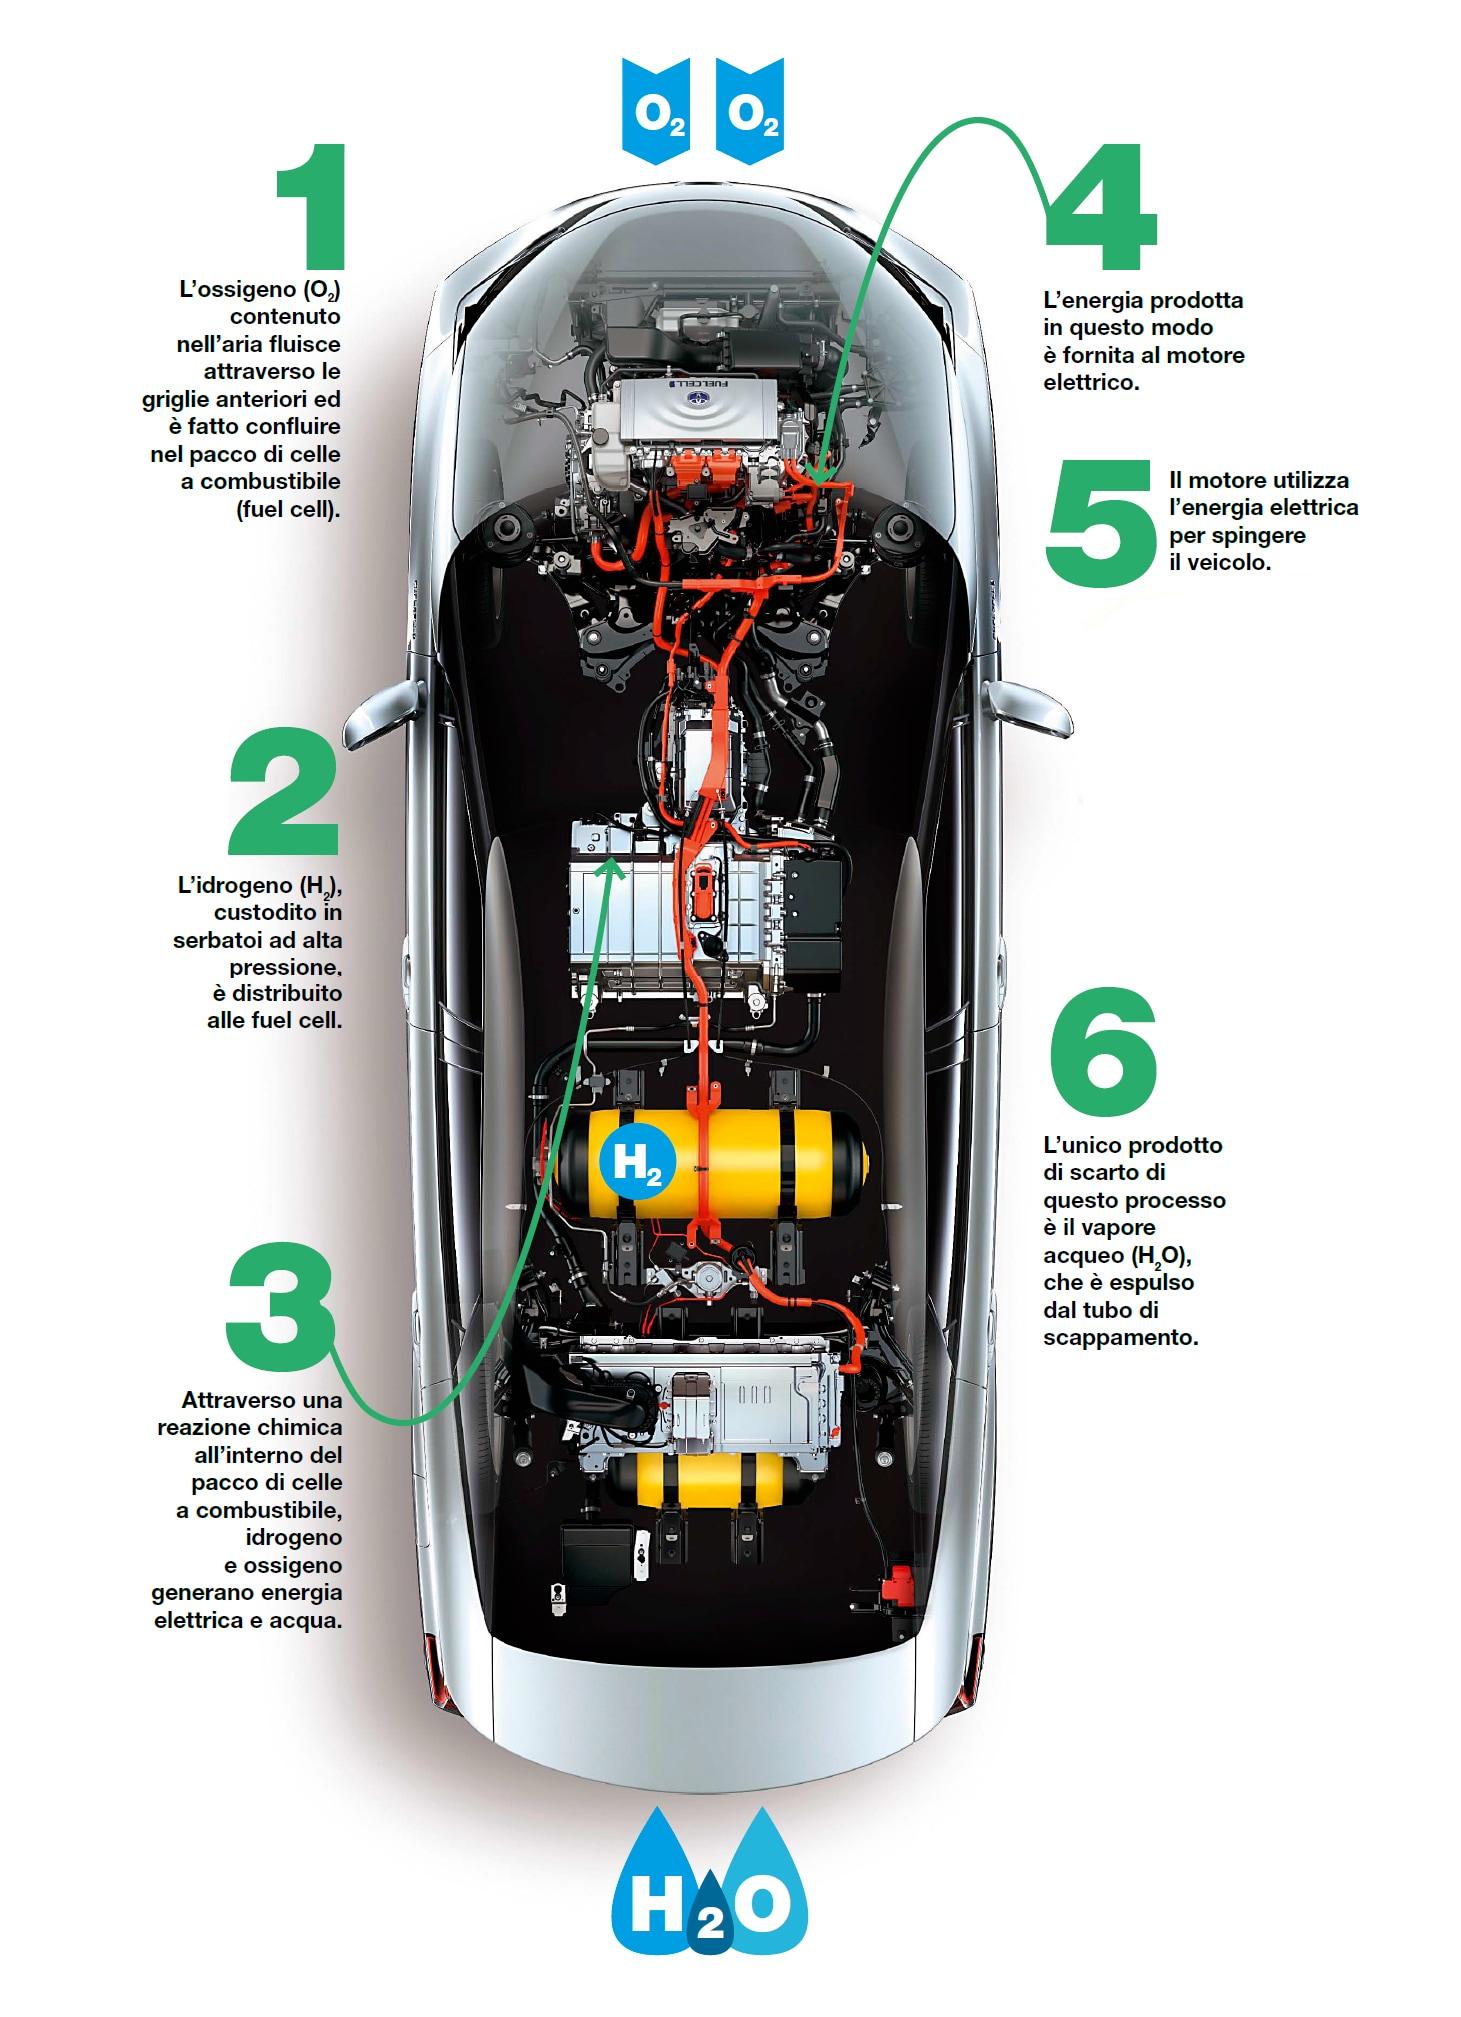 Schema Elettrico Auto : Lidrogeno? È già qui focus.it